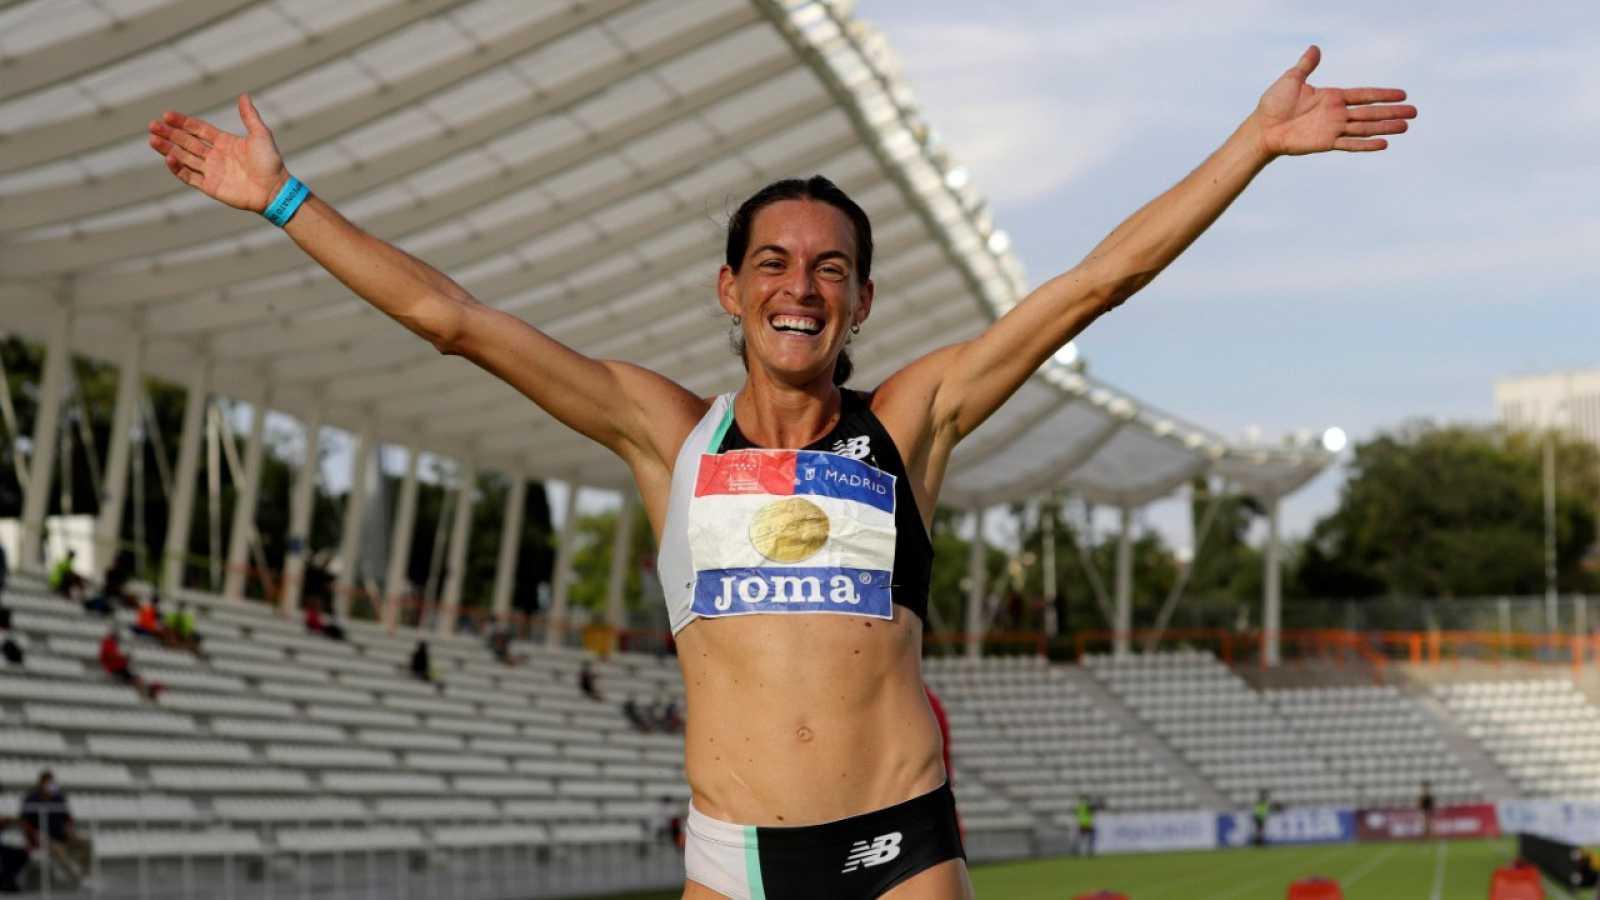 Doblete histórico de Esther Guerrero en el Campeonato de España de Atletismo